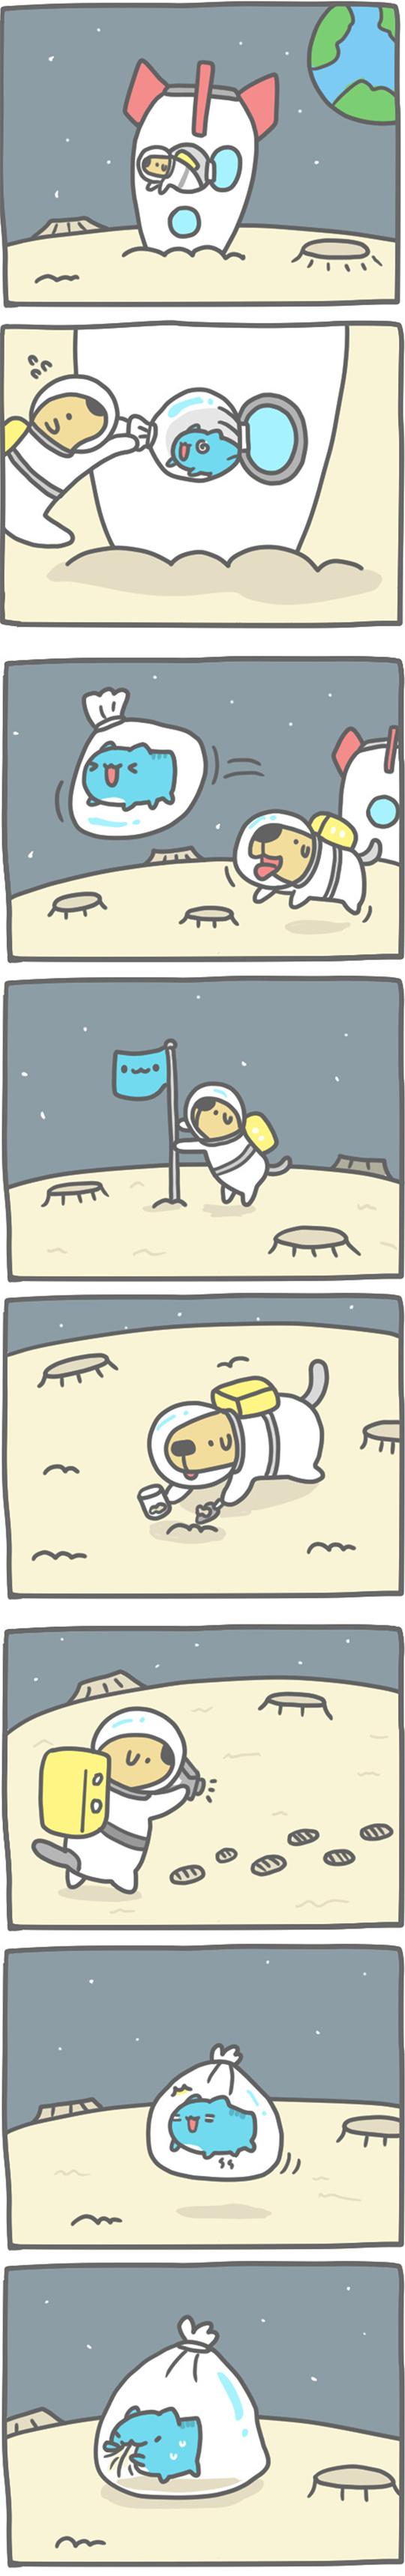 Truyện Mìn Lèo #144: Nguồn gốc sự sống trên mặt trăng